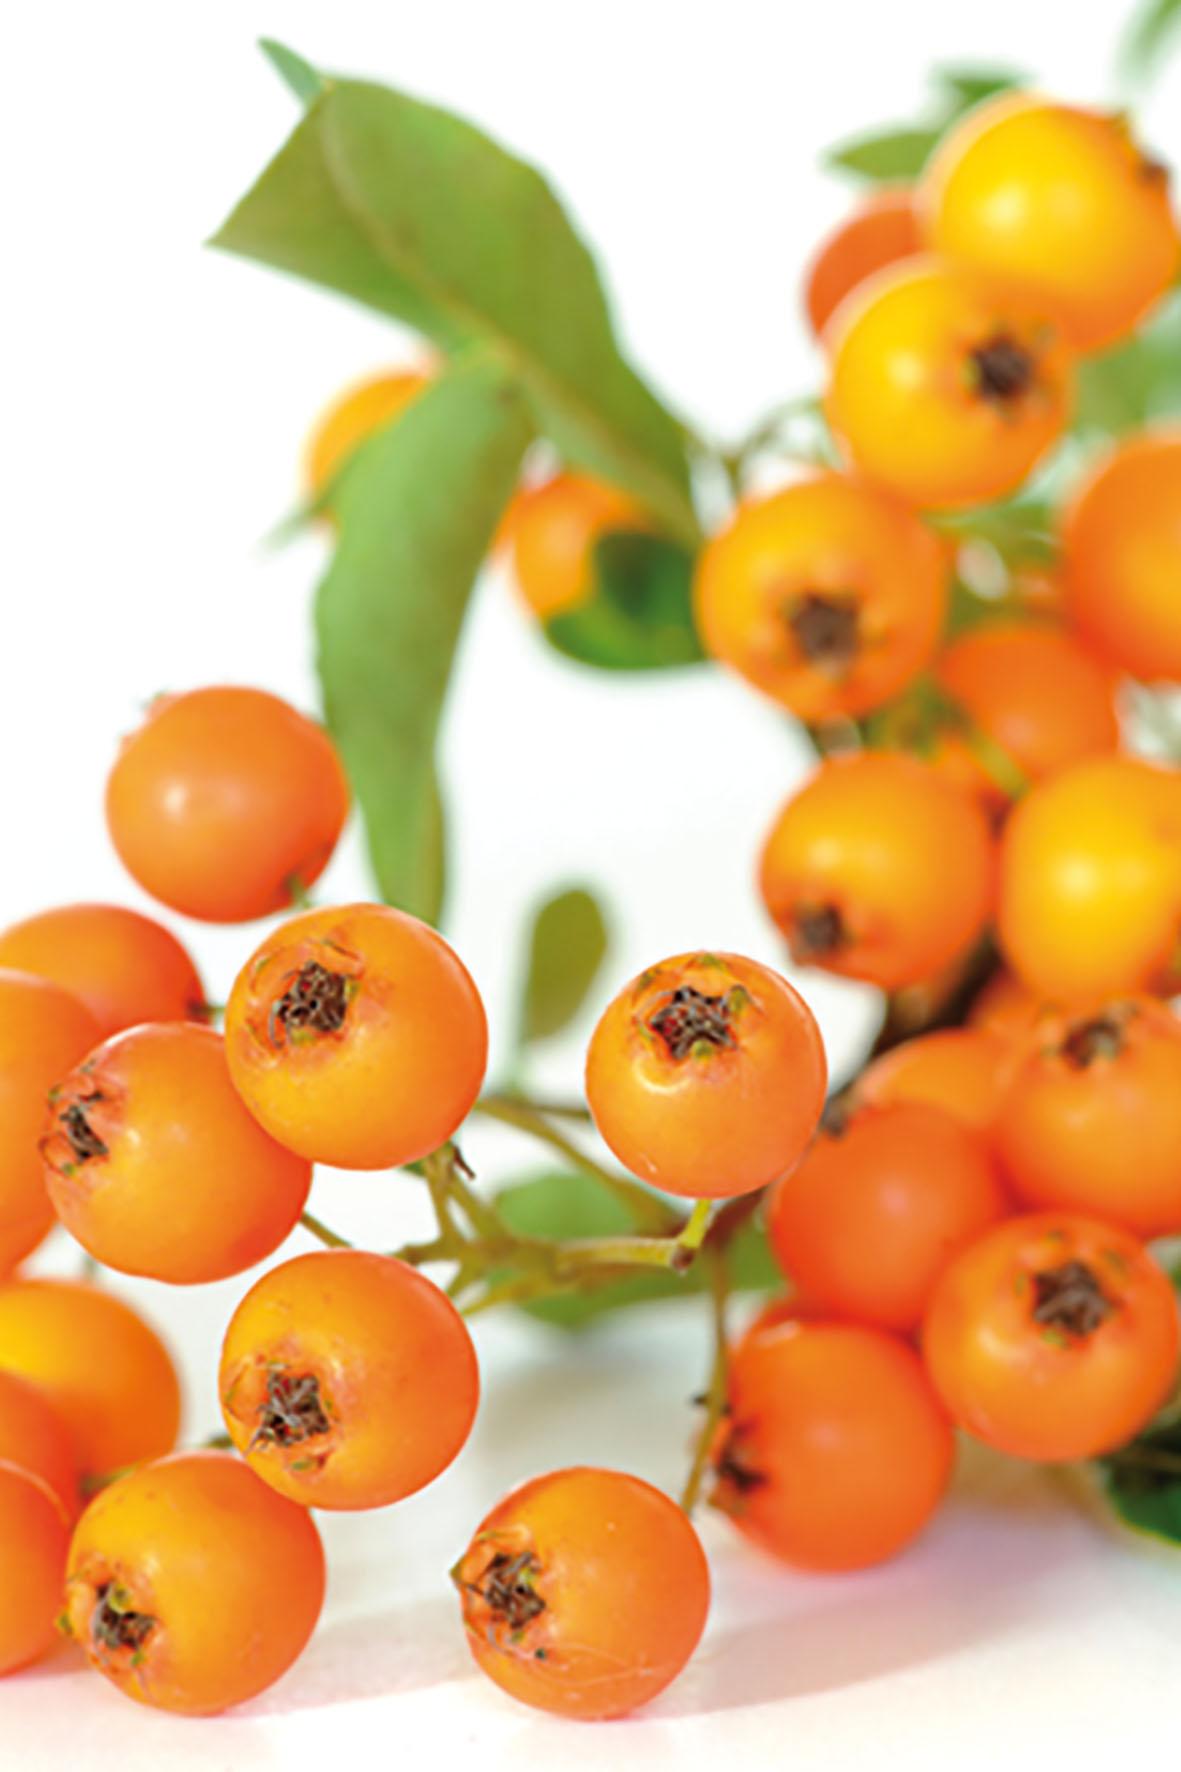 Ein Nahrungsergänzungsmittel mit Sanddorn, Vitaminen, sekundären Pflanzenstoffen sowie Omega-Fettsäuren kann die Schleimhäute im Genitalbereich gezielt regenerieren.